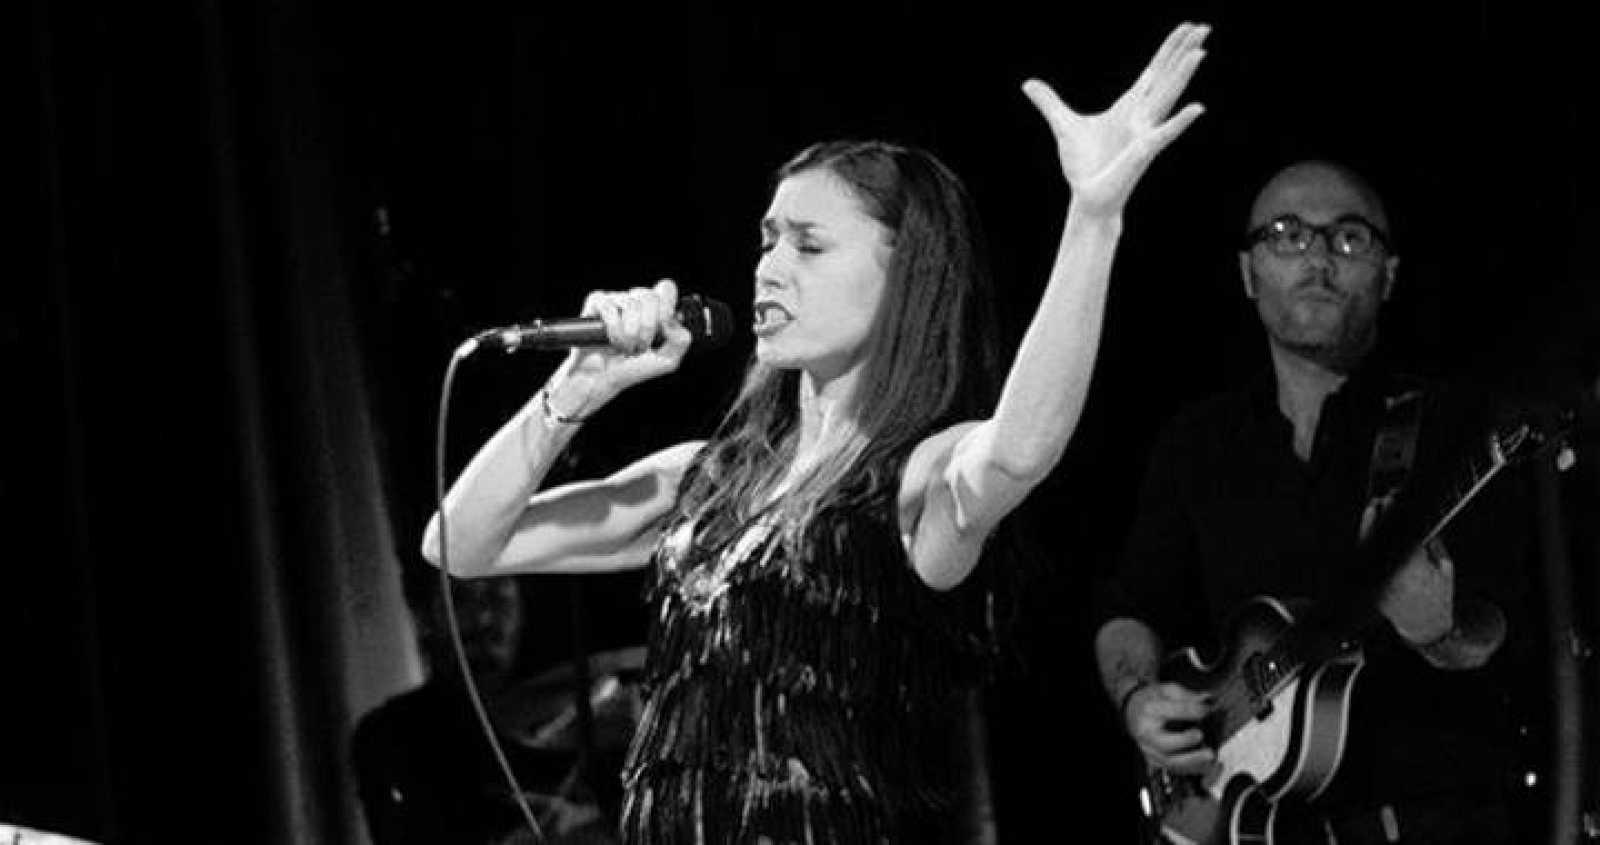 La cantante francesa Olivia Ruiz en la gira de 'Le calme y la tempête'